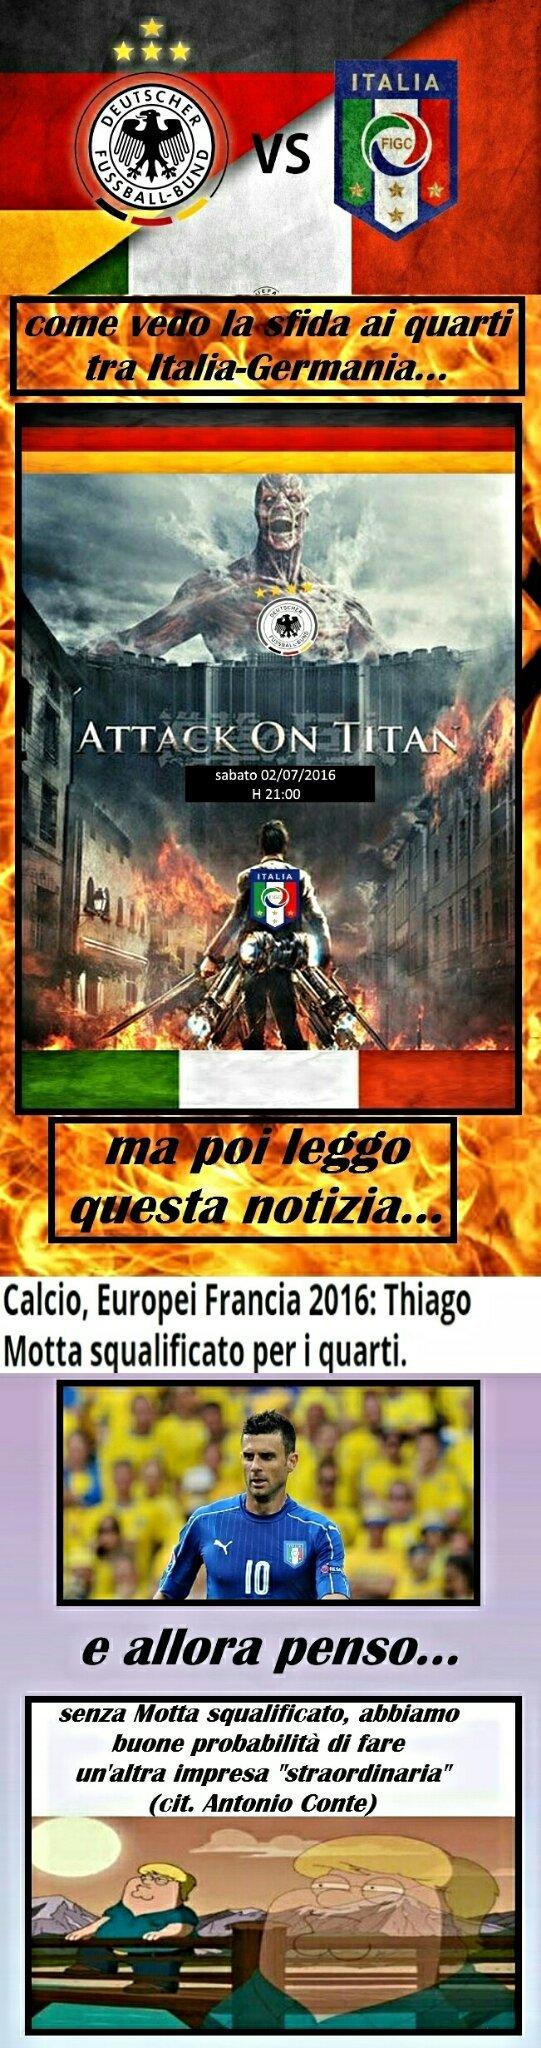 Il peggiore n.10 del campionato Europeo di calcio ce lo abbiamo noi... - meme